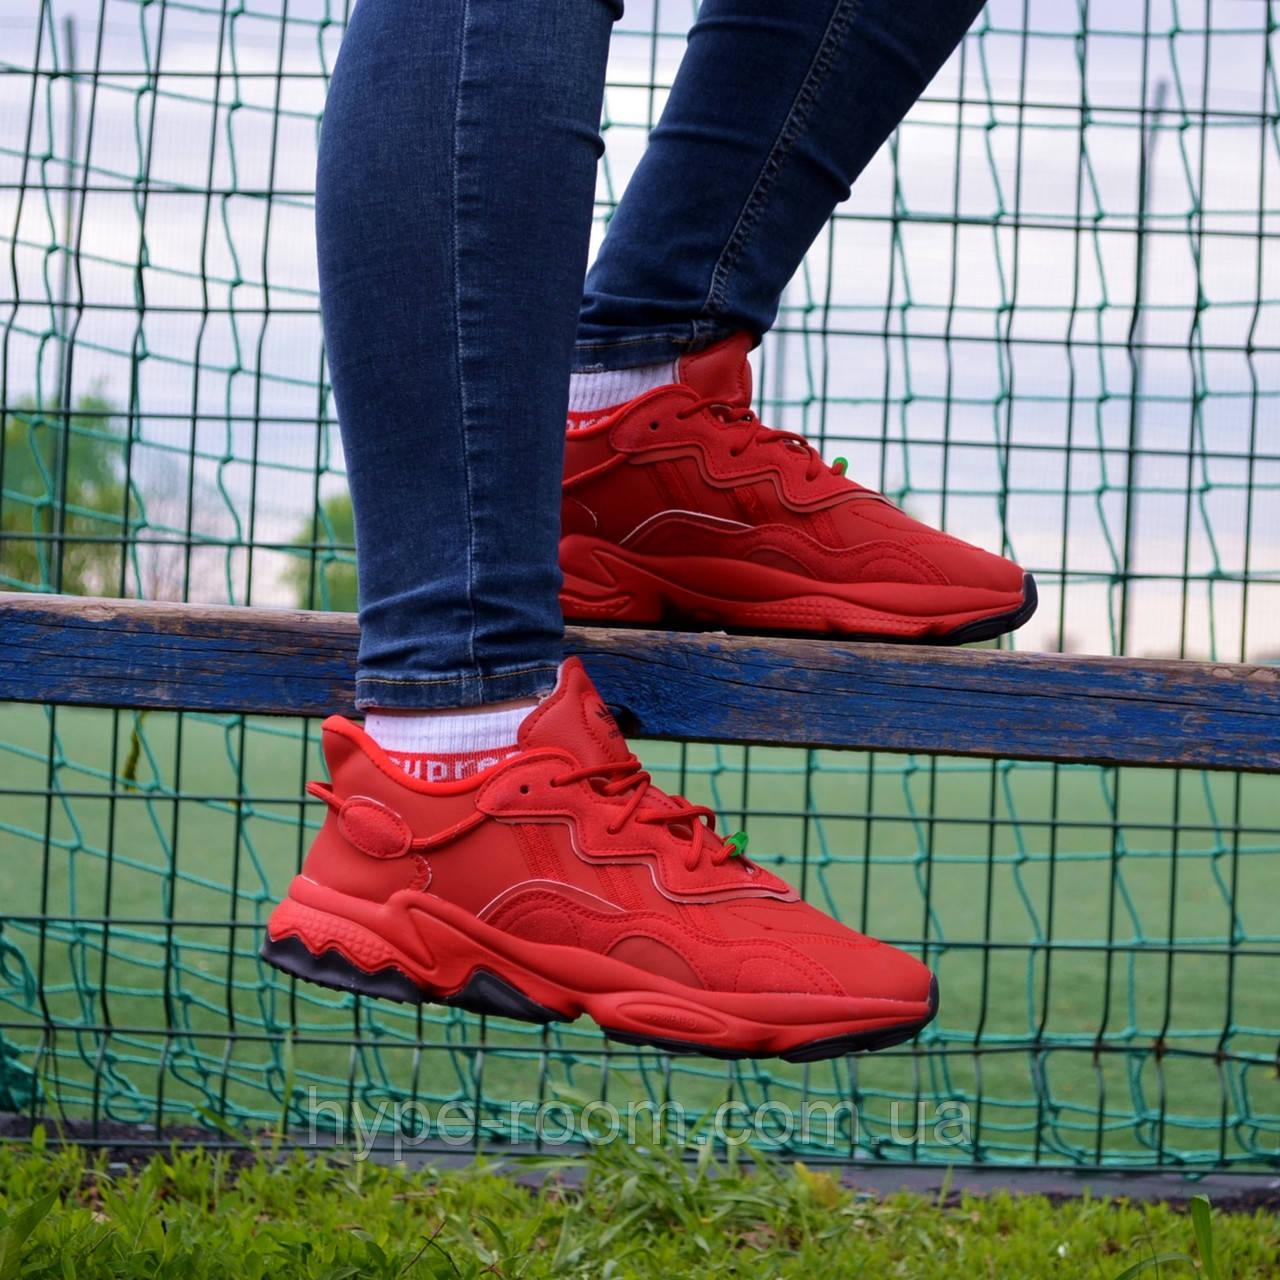 Чоловічі Кросівки Adidas Ozweego Red адідас озвиго червоні чоловічі кроссівки адідас озвіго червоні